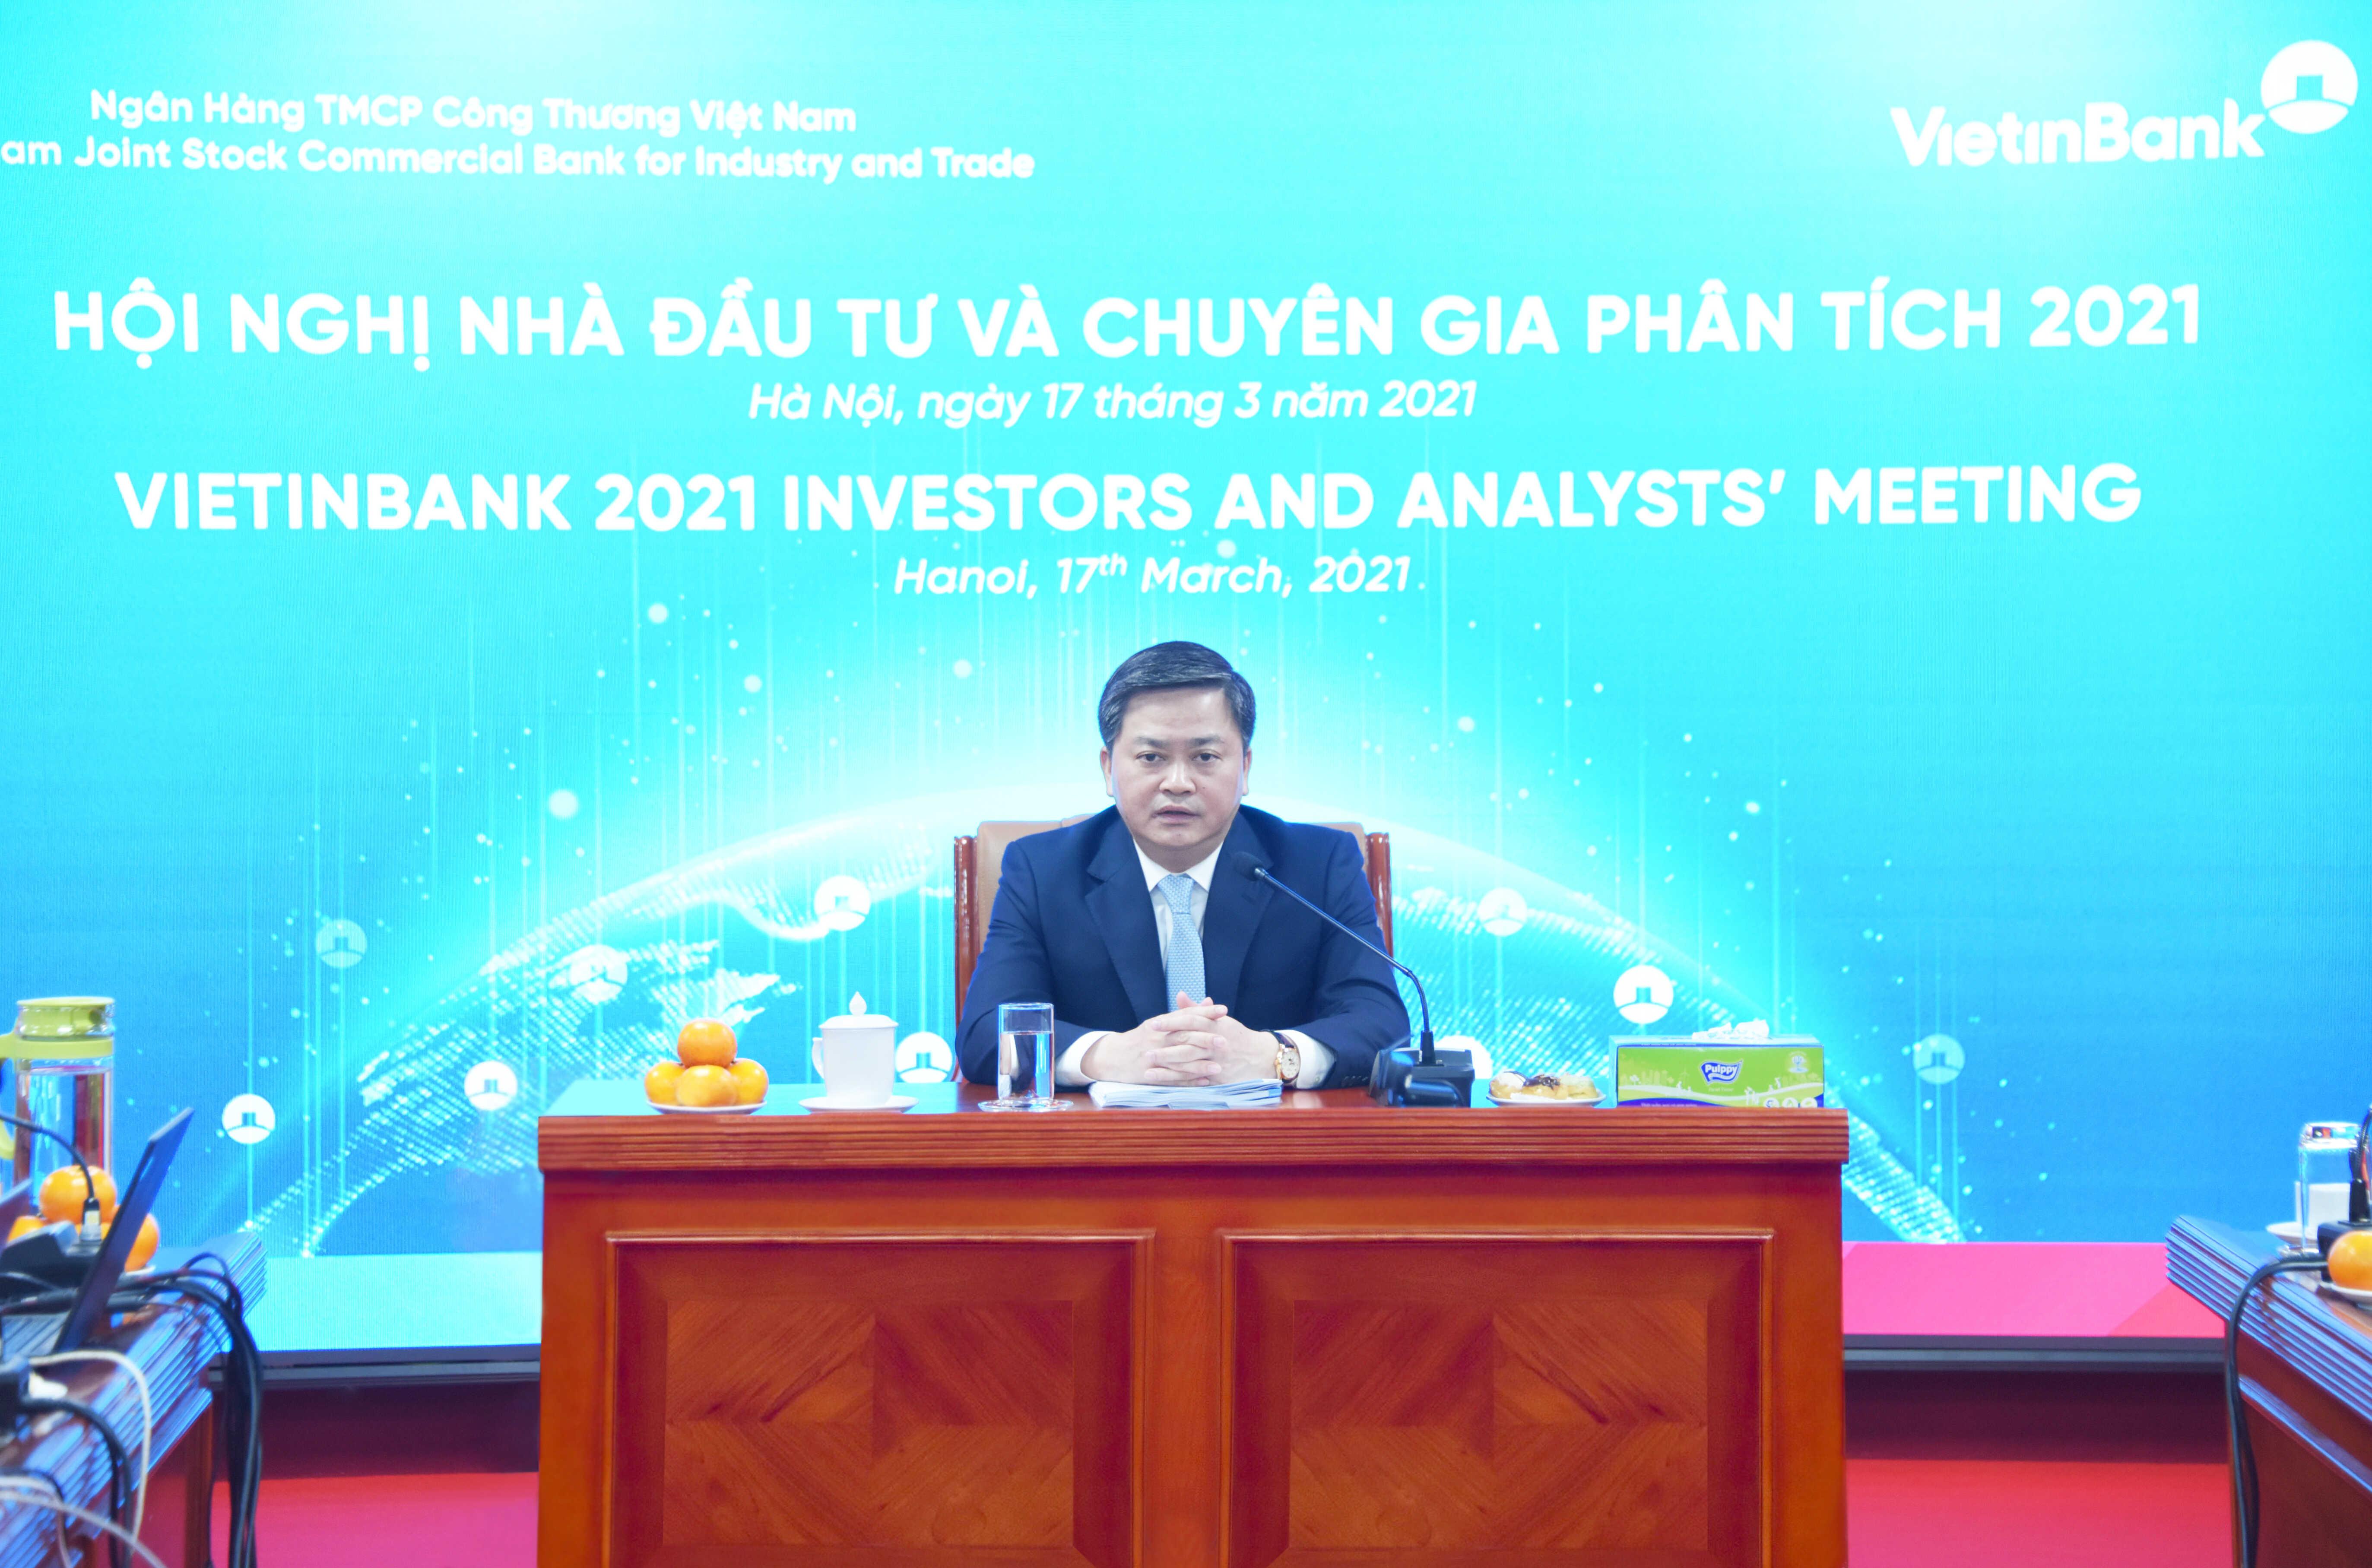 VietinBank tổ chức Hội nghị Nhà đầu tư và Chuyên gia phân tích năm 2021 - Ảnh 1